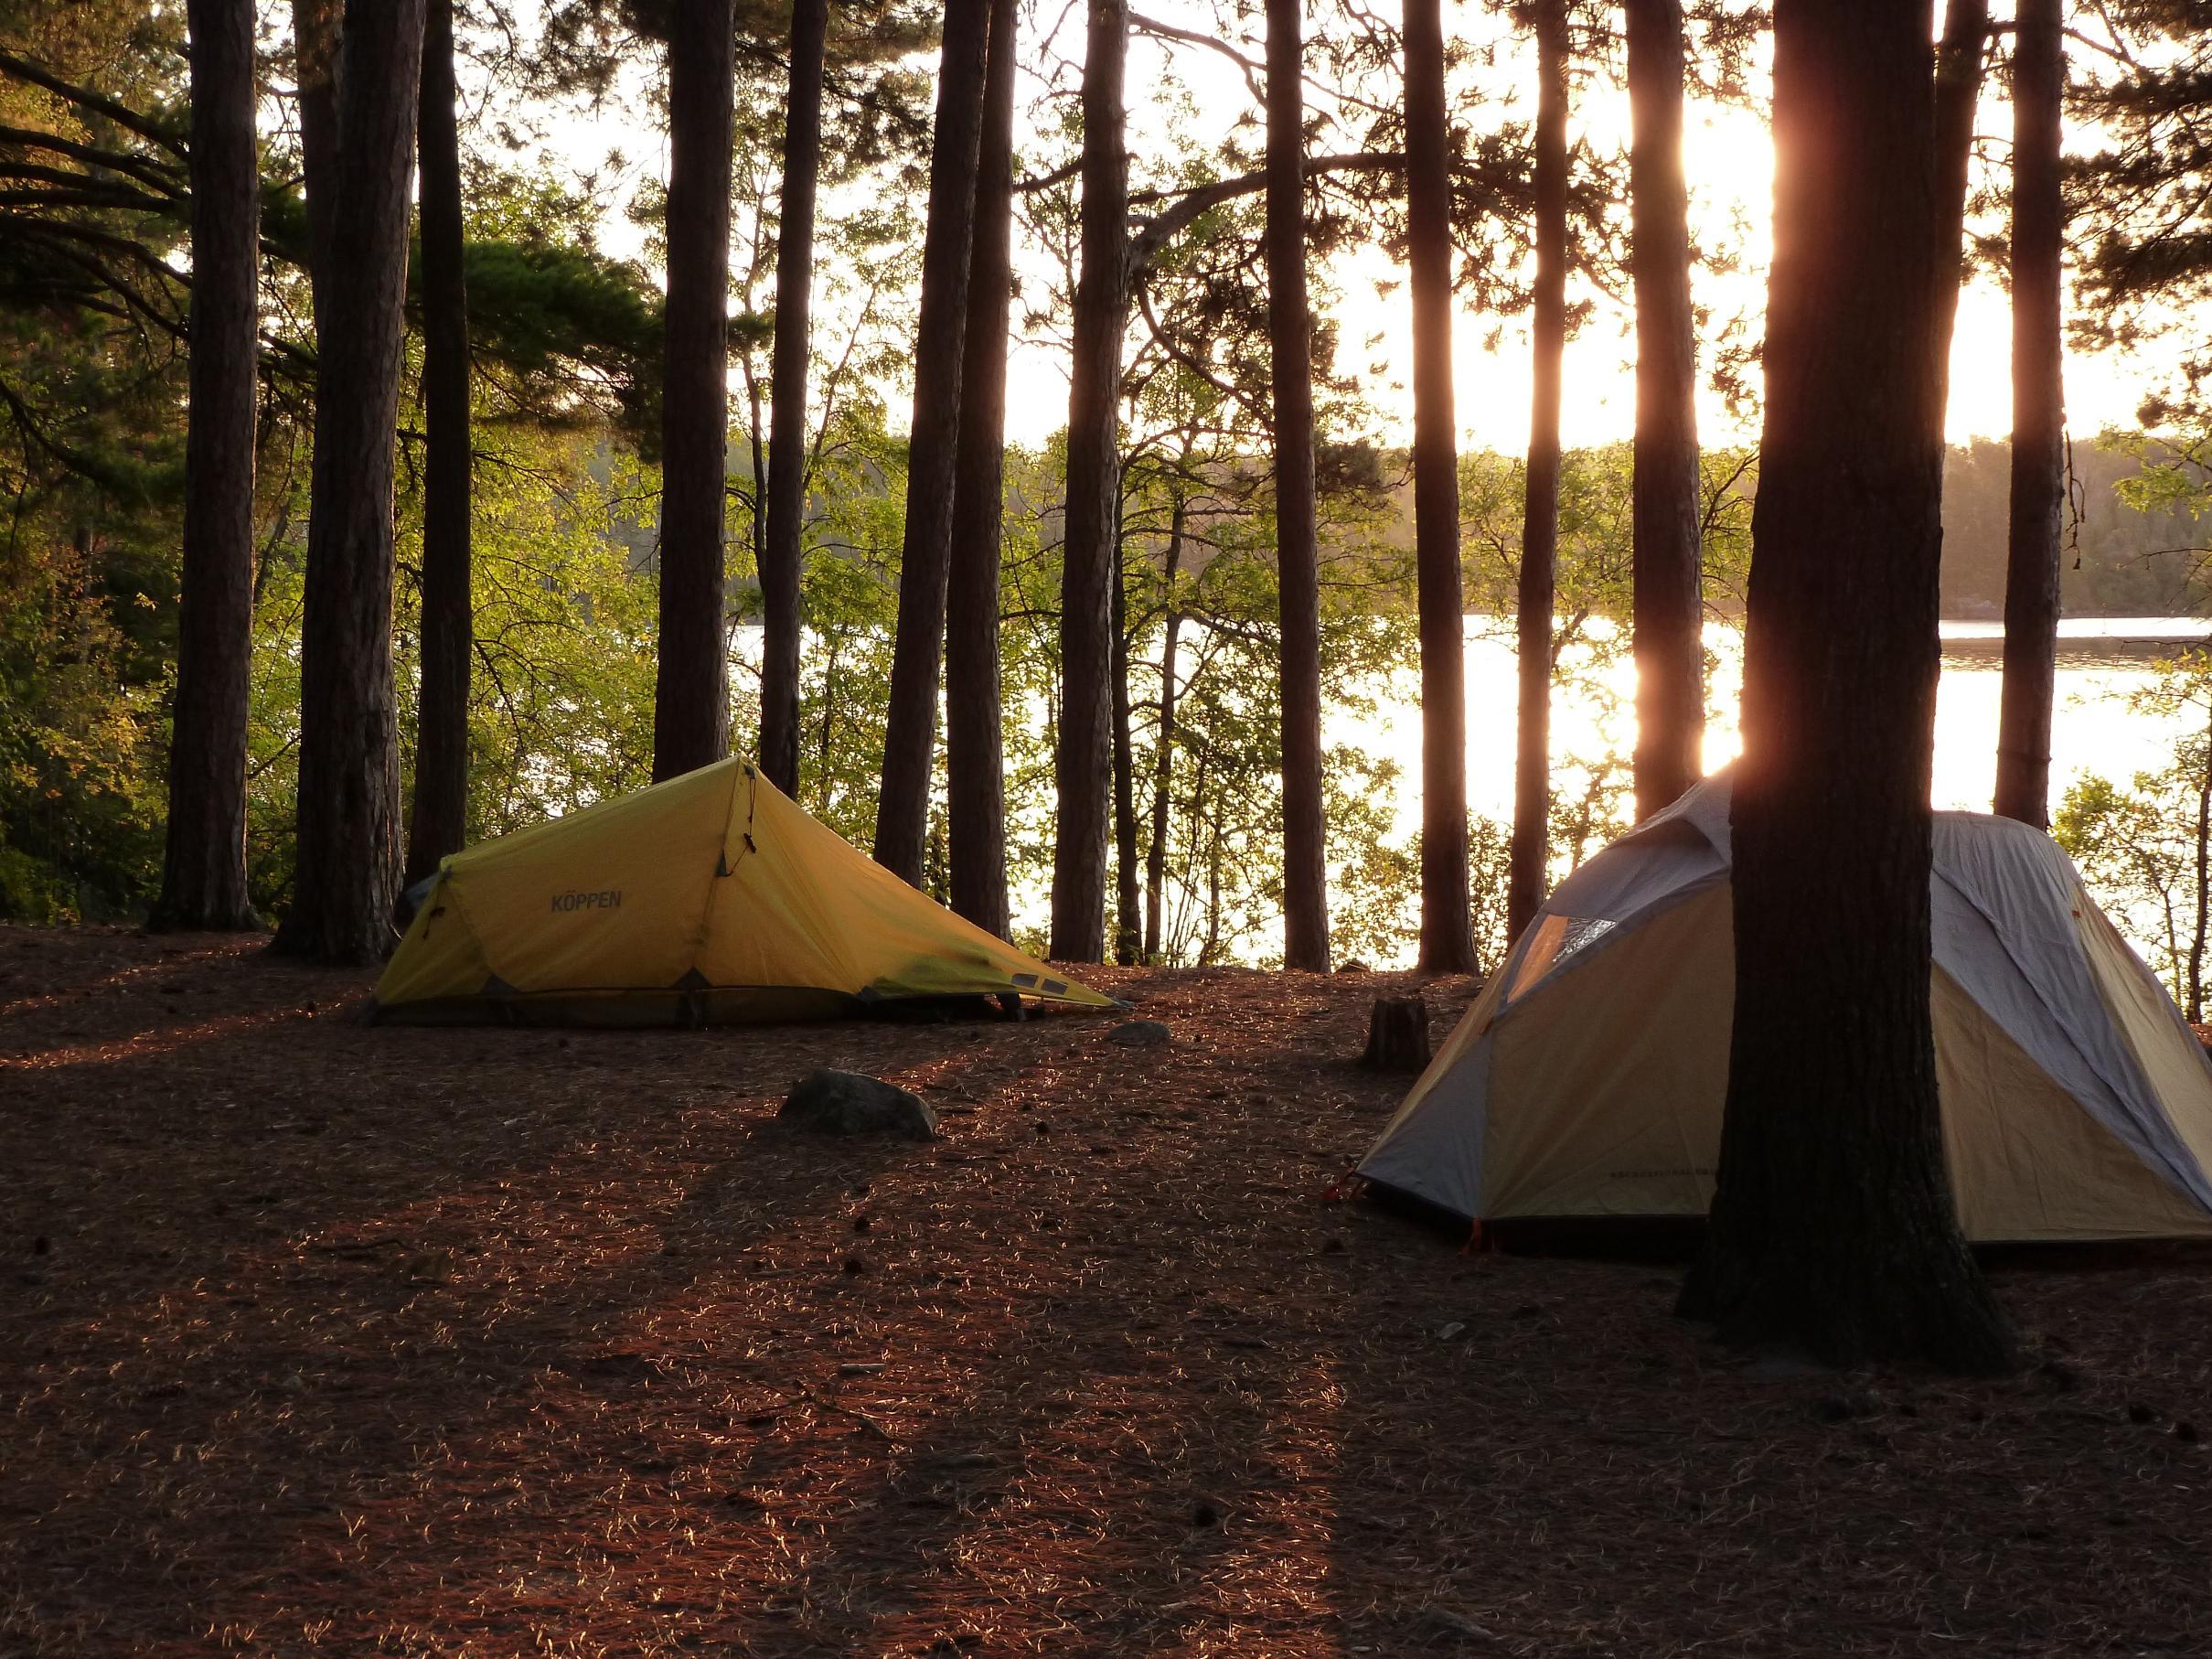 2 of my tents. Koppen ... & www.BWCA.com Photo Forum BWCA BWCAW Quetico Park